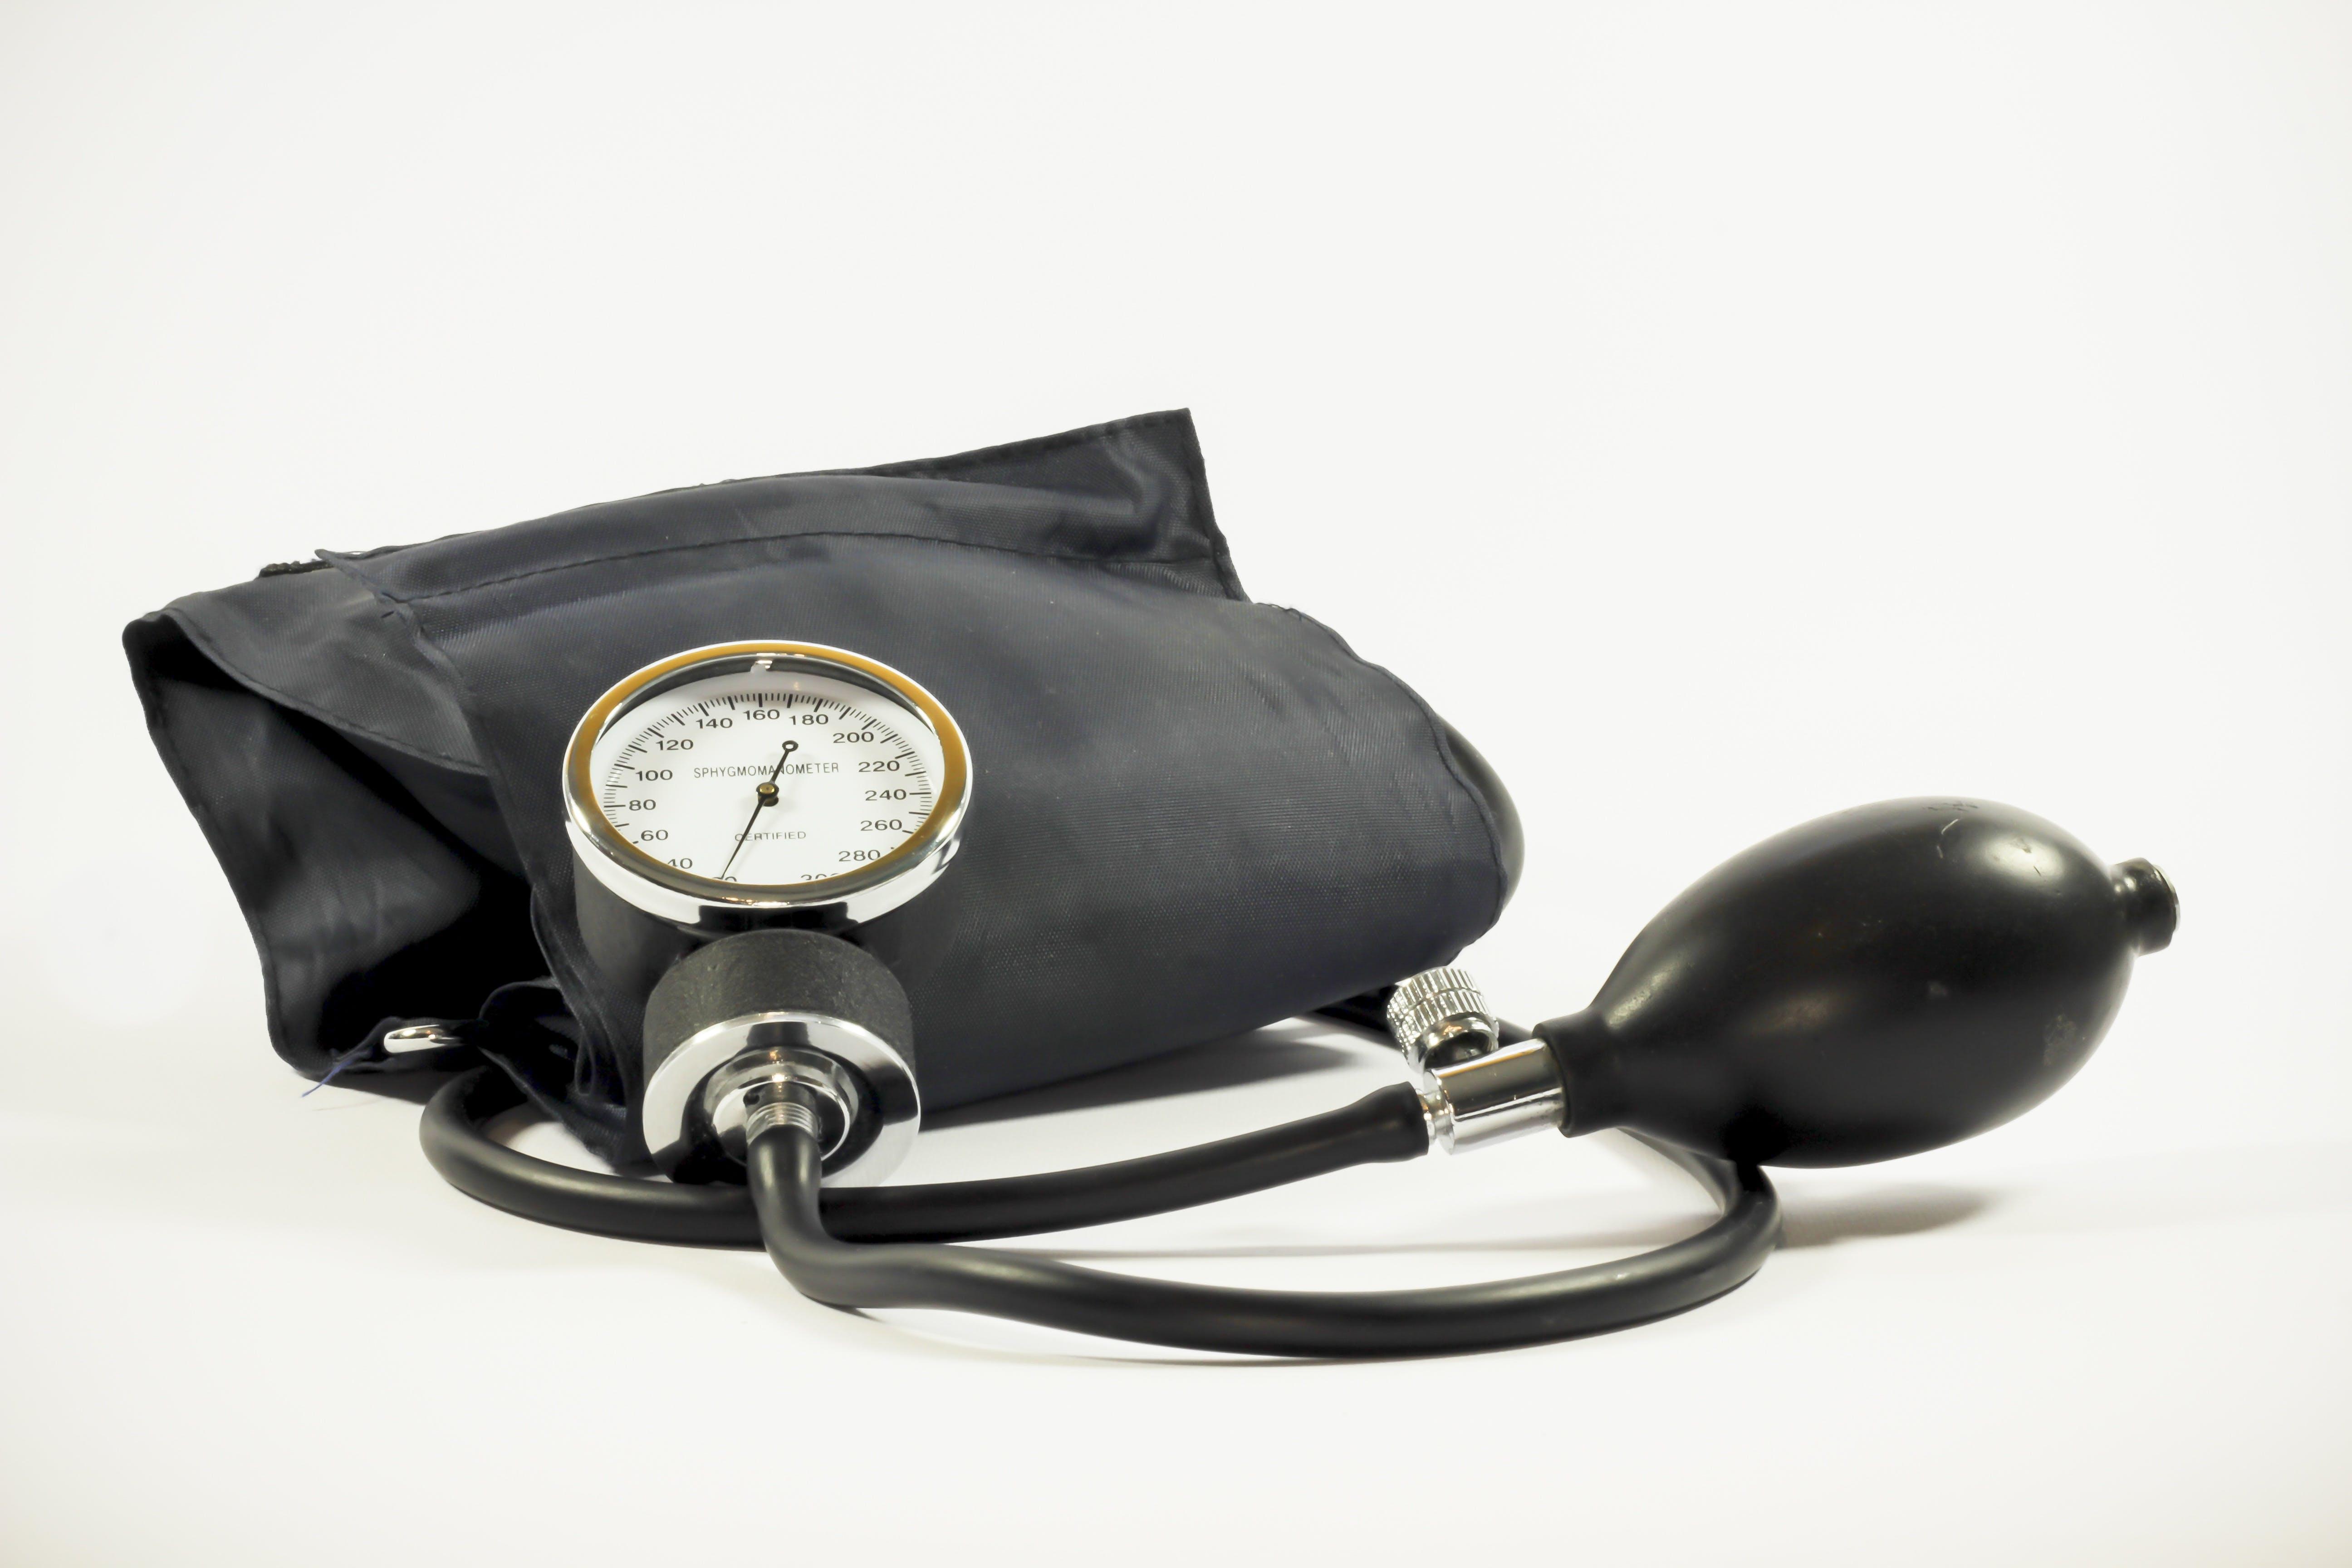 Kostenloses Stock Foto zu ausrüstung, blutdruckmesser, blutdruckmessgerät, gesundheit